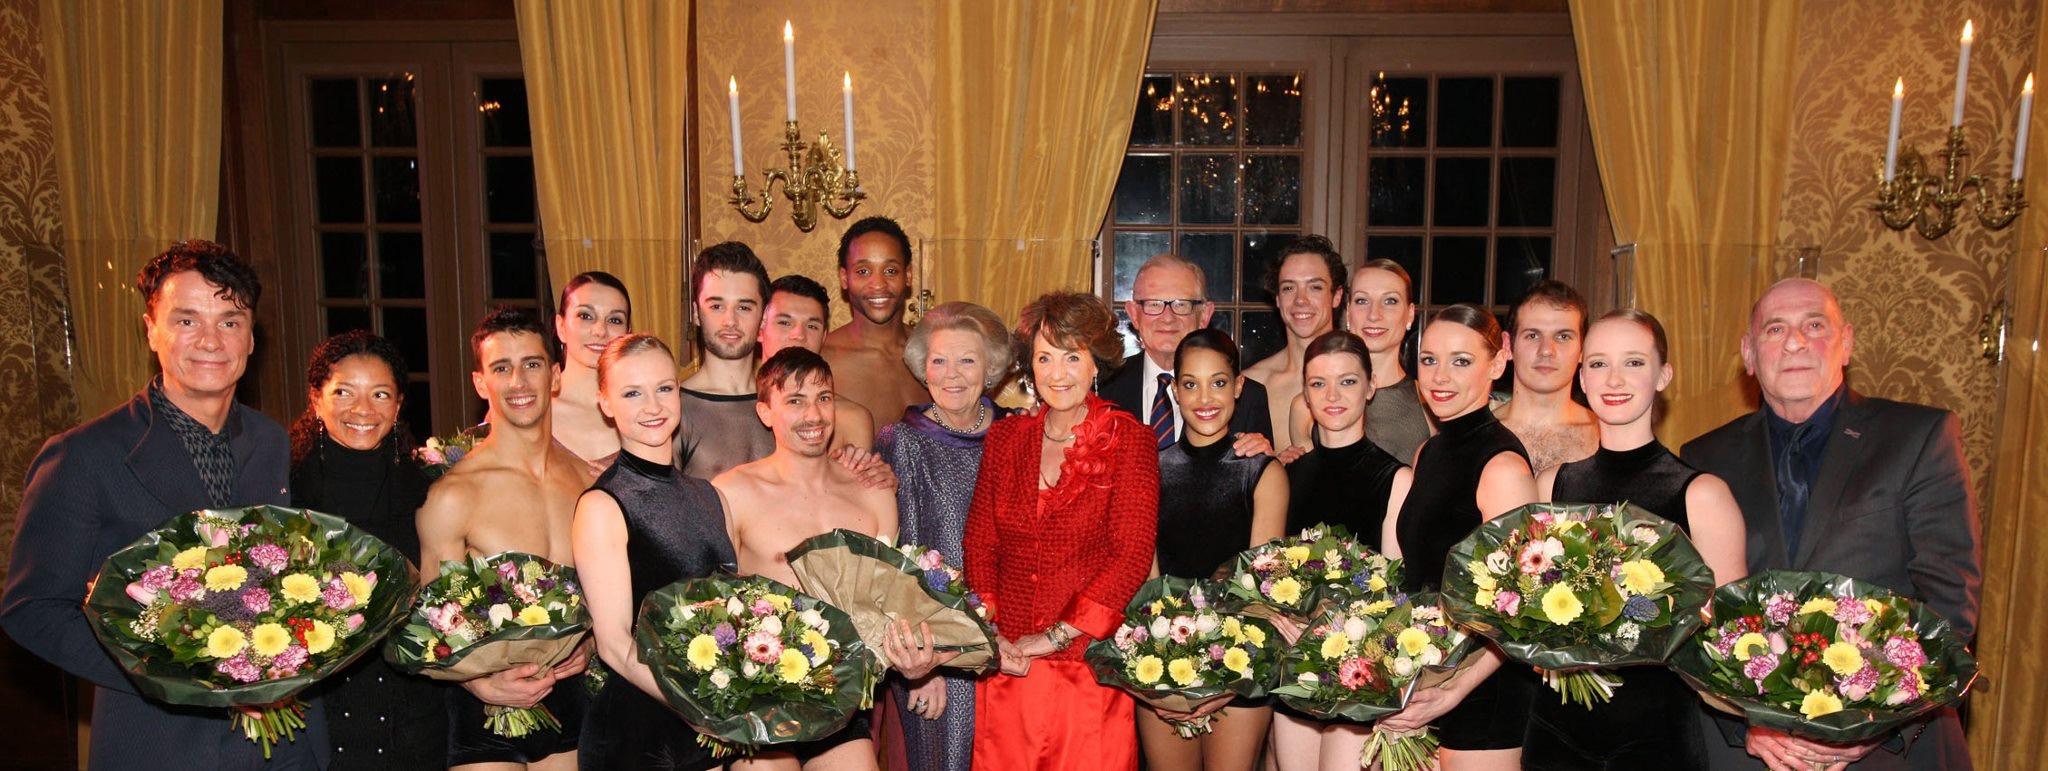 karin lambrechtse dans cv koninklijke familie Prinses Margriet Introdans